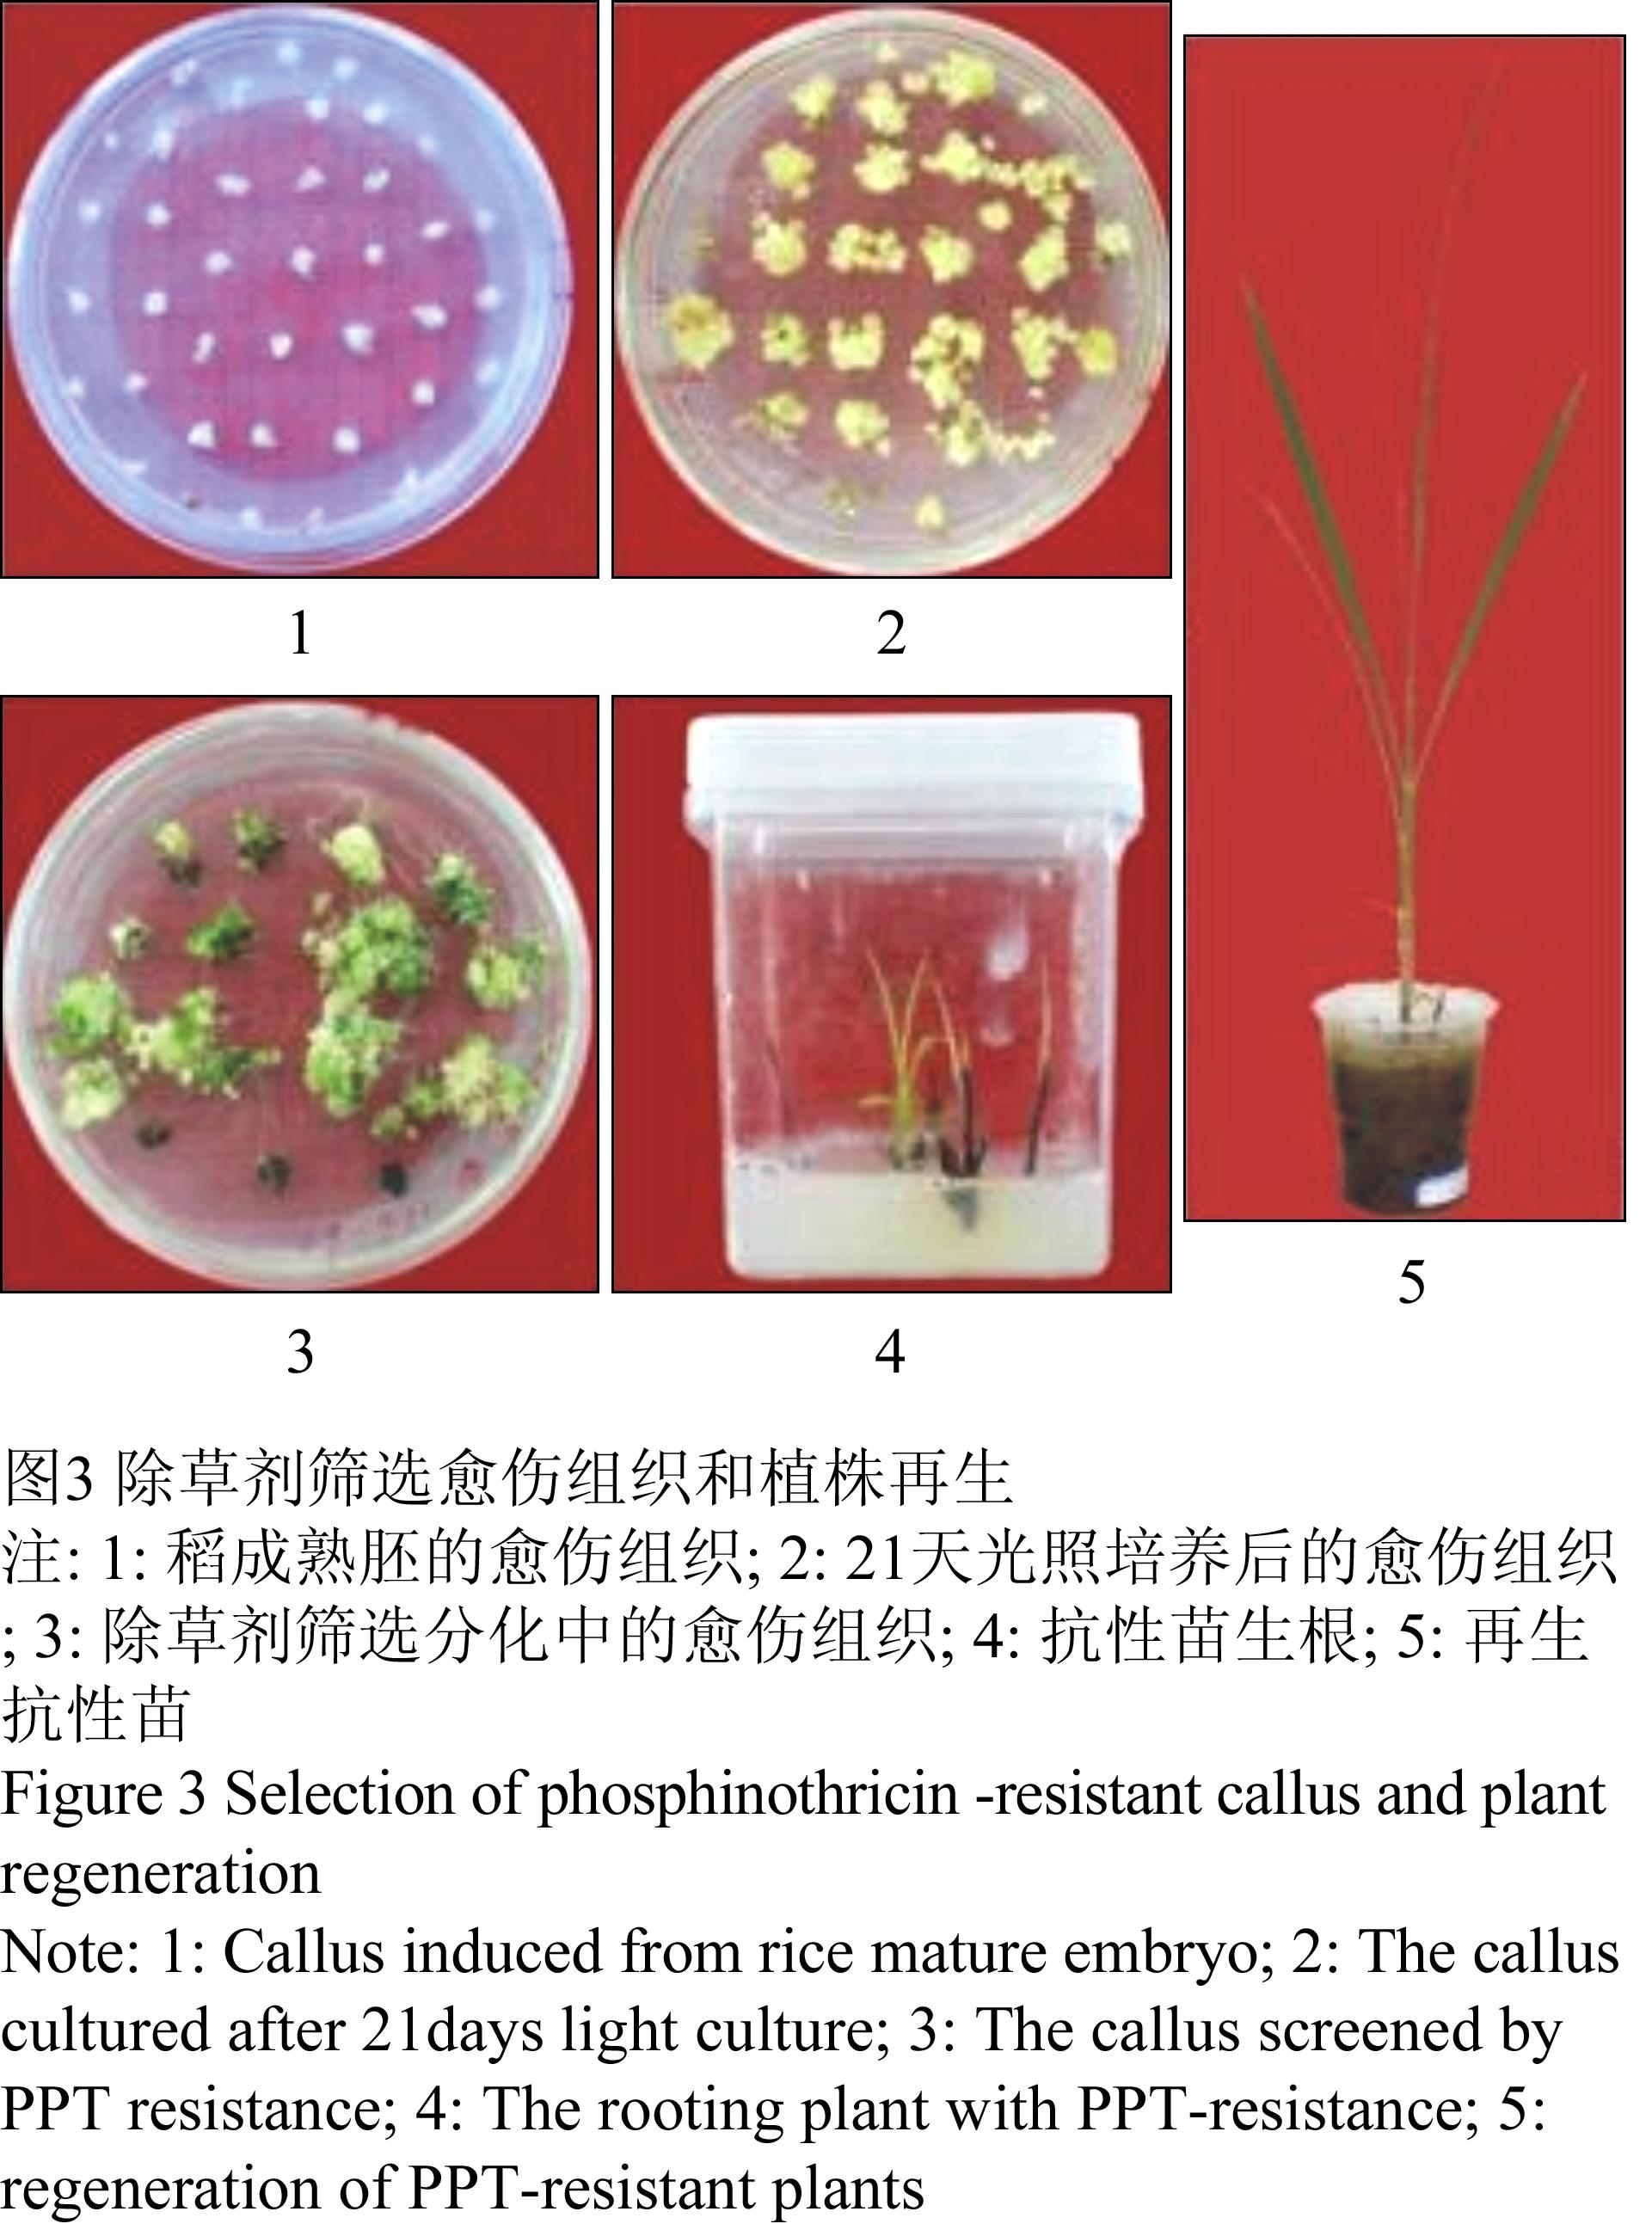 3水稻抗性植株的gus组织化学染色和基因组pcr检测